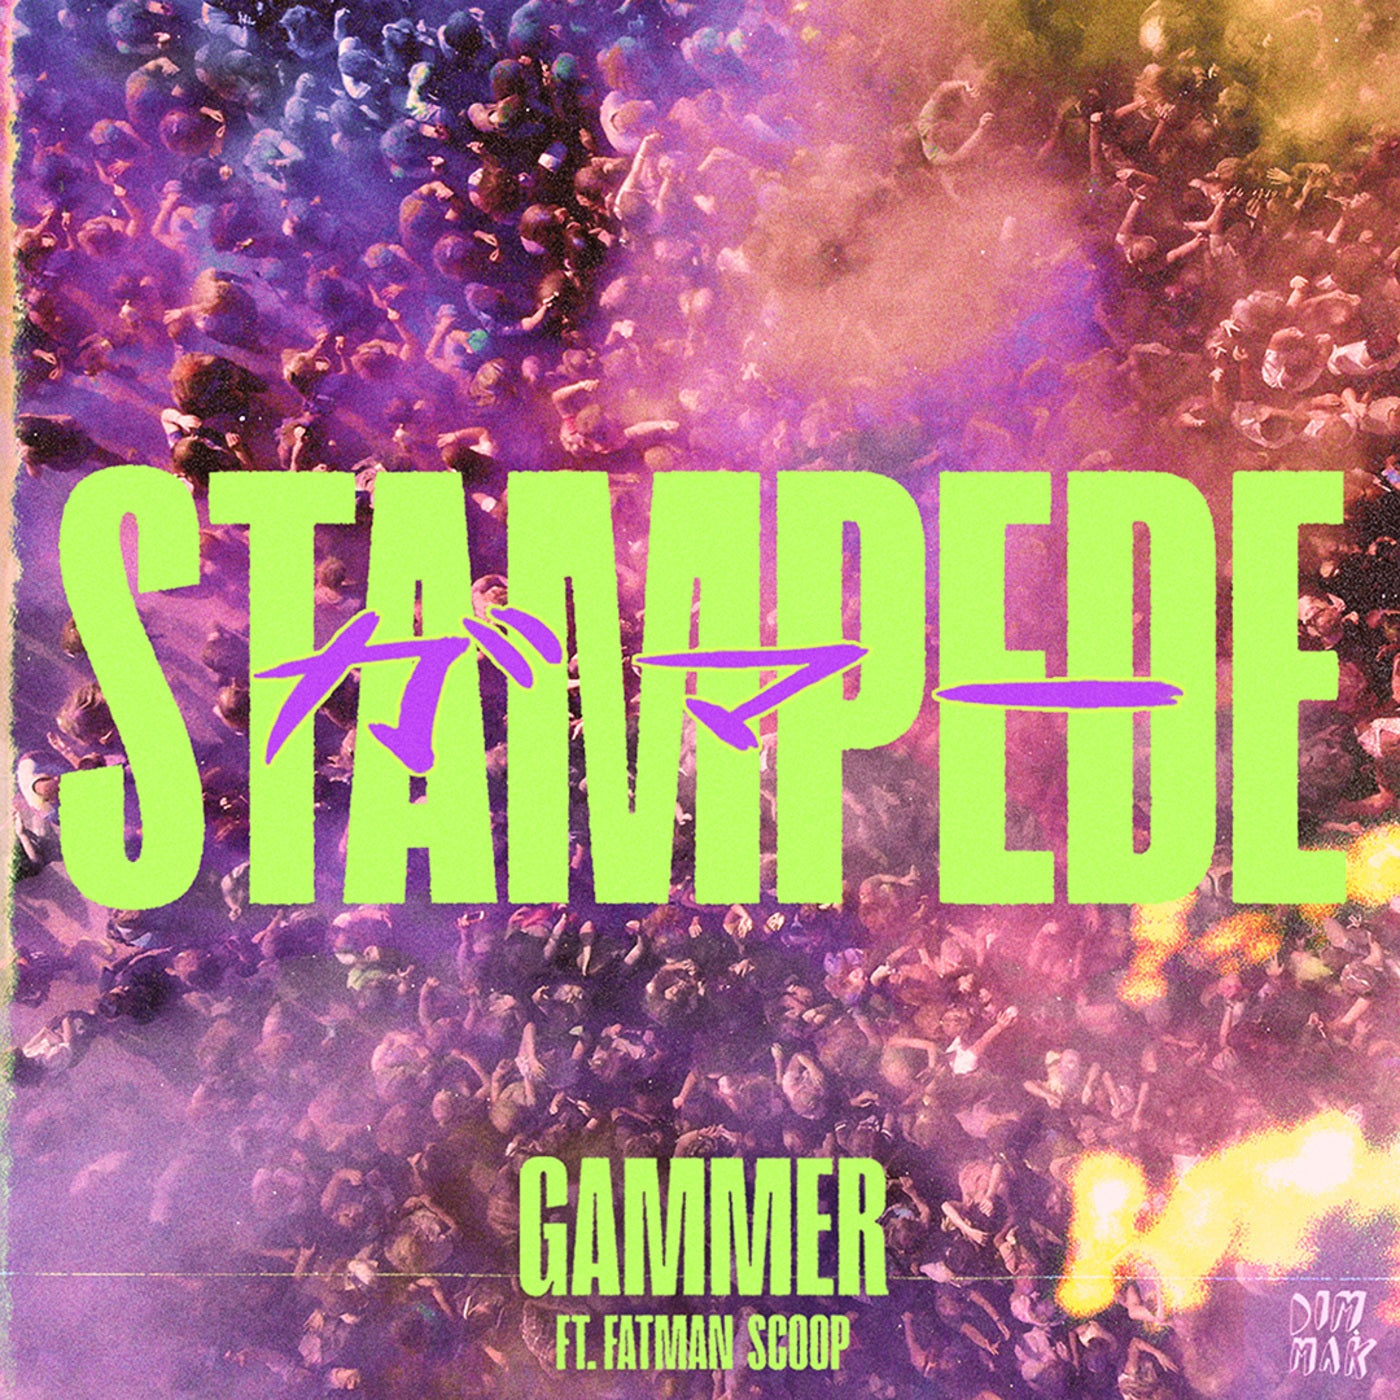 Stampede (Feat. Fatman Scoop) (Original Mix)